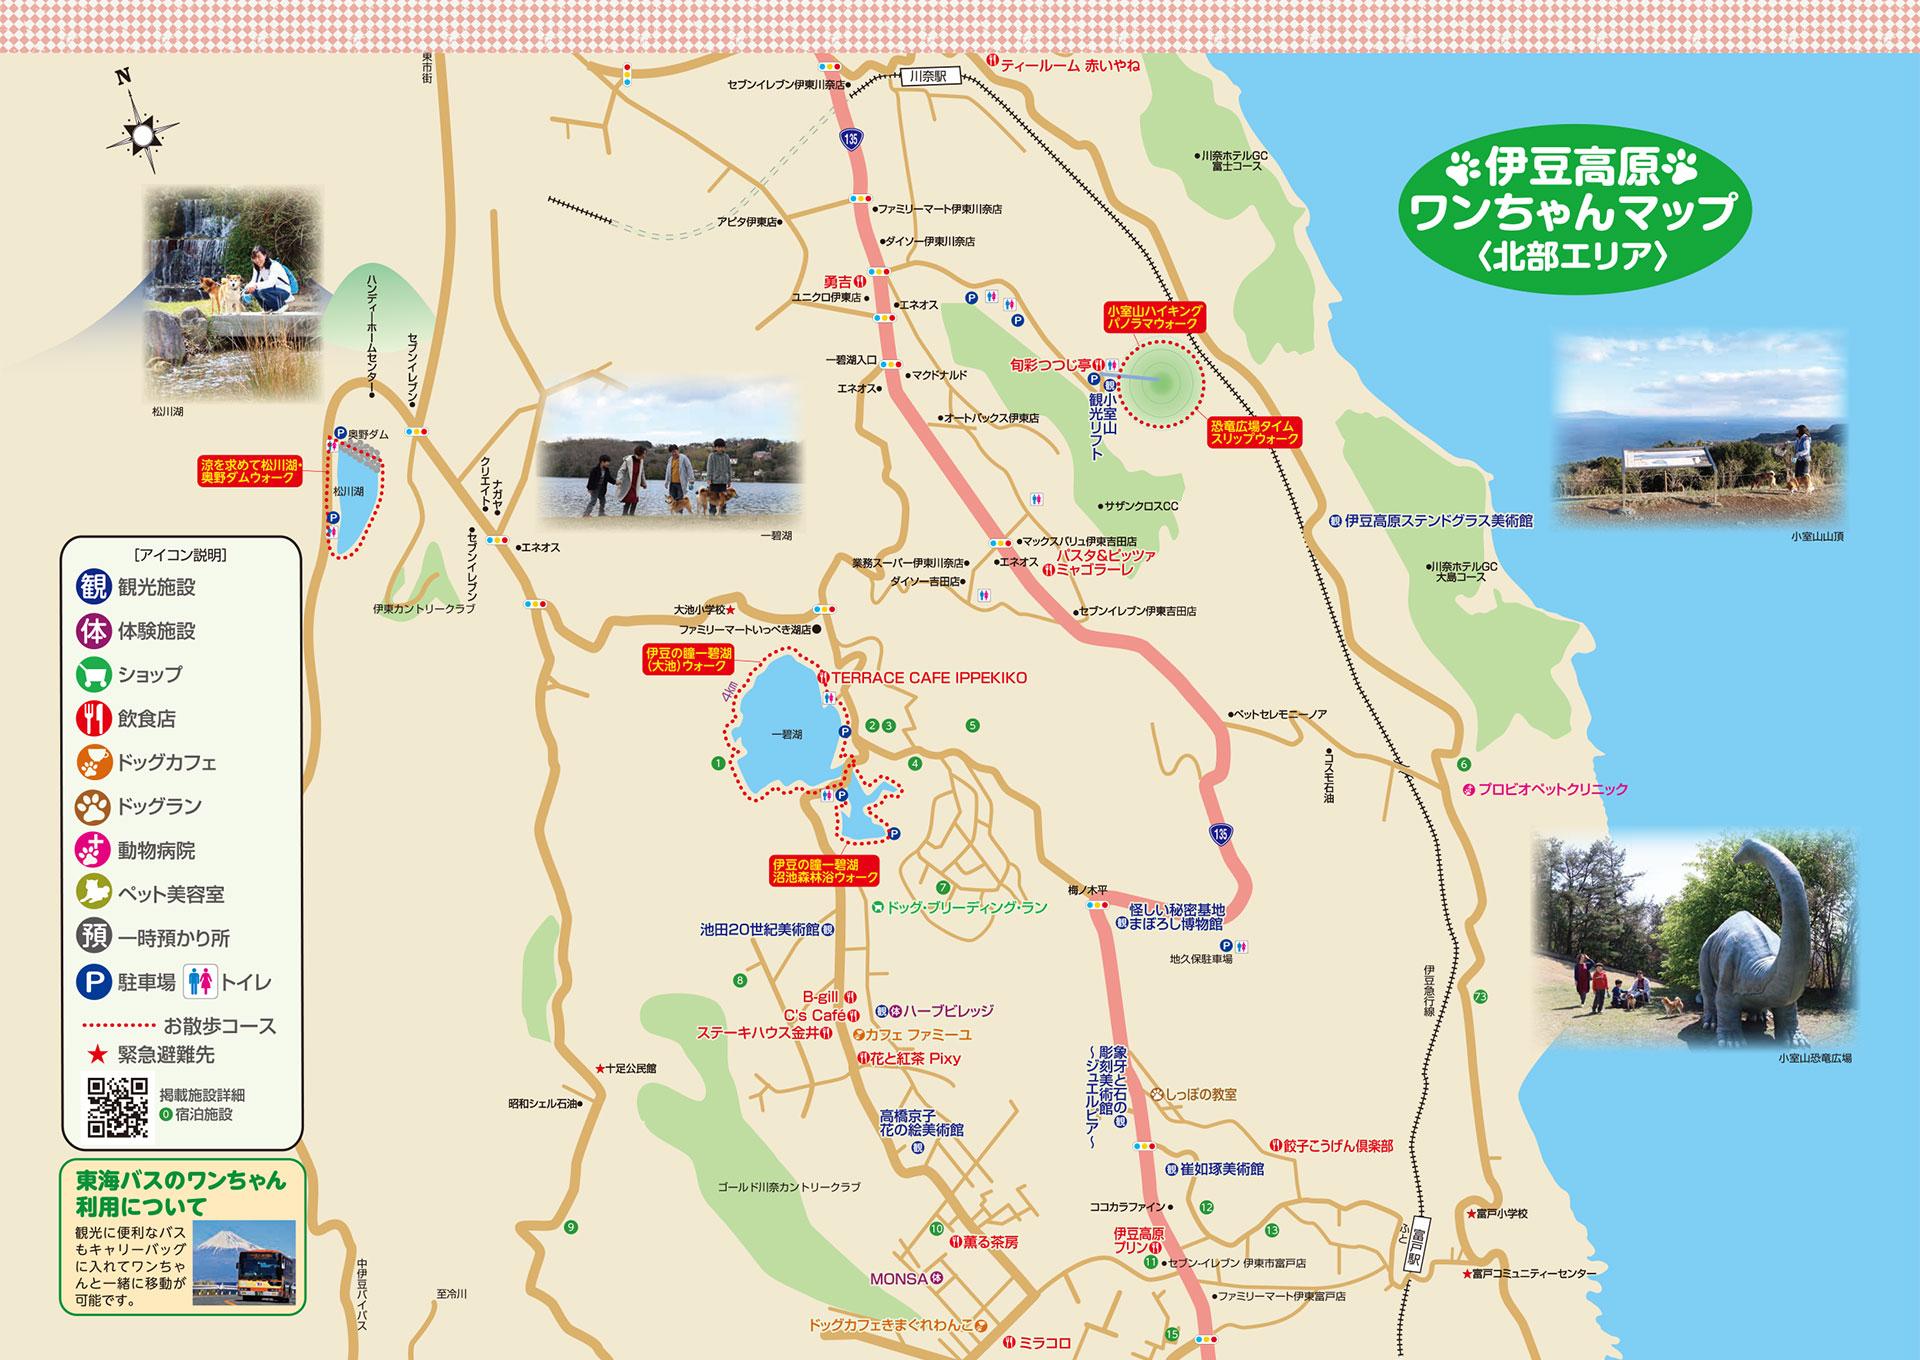 伊豆高原お散歩MAP北部エリア